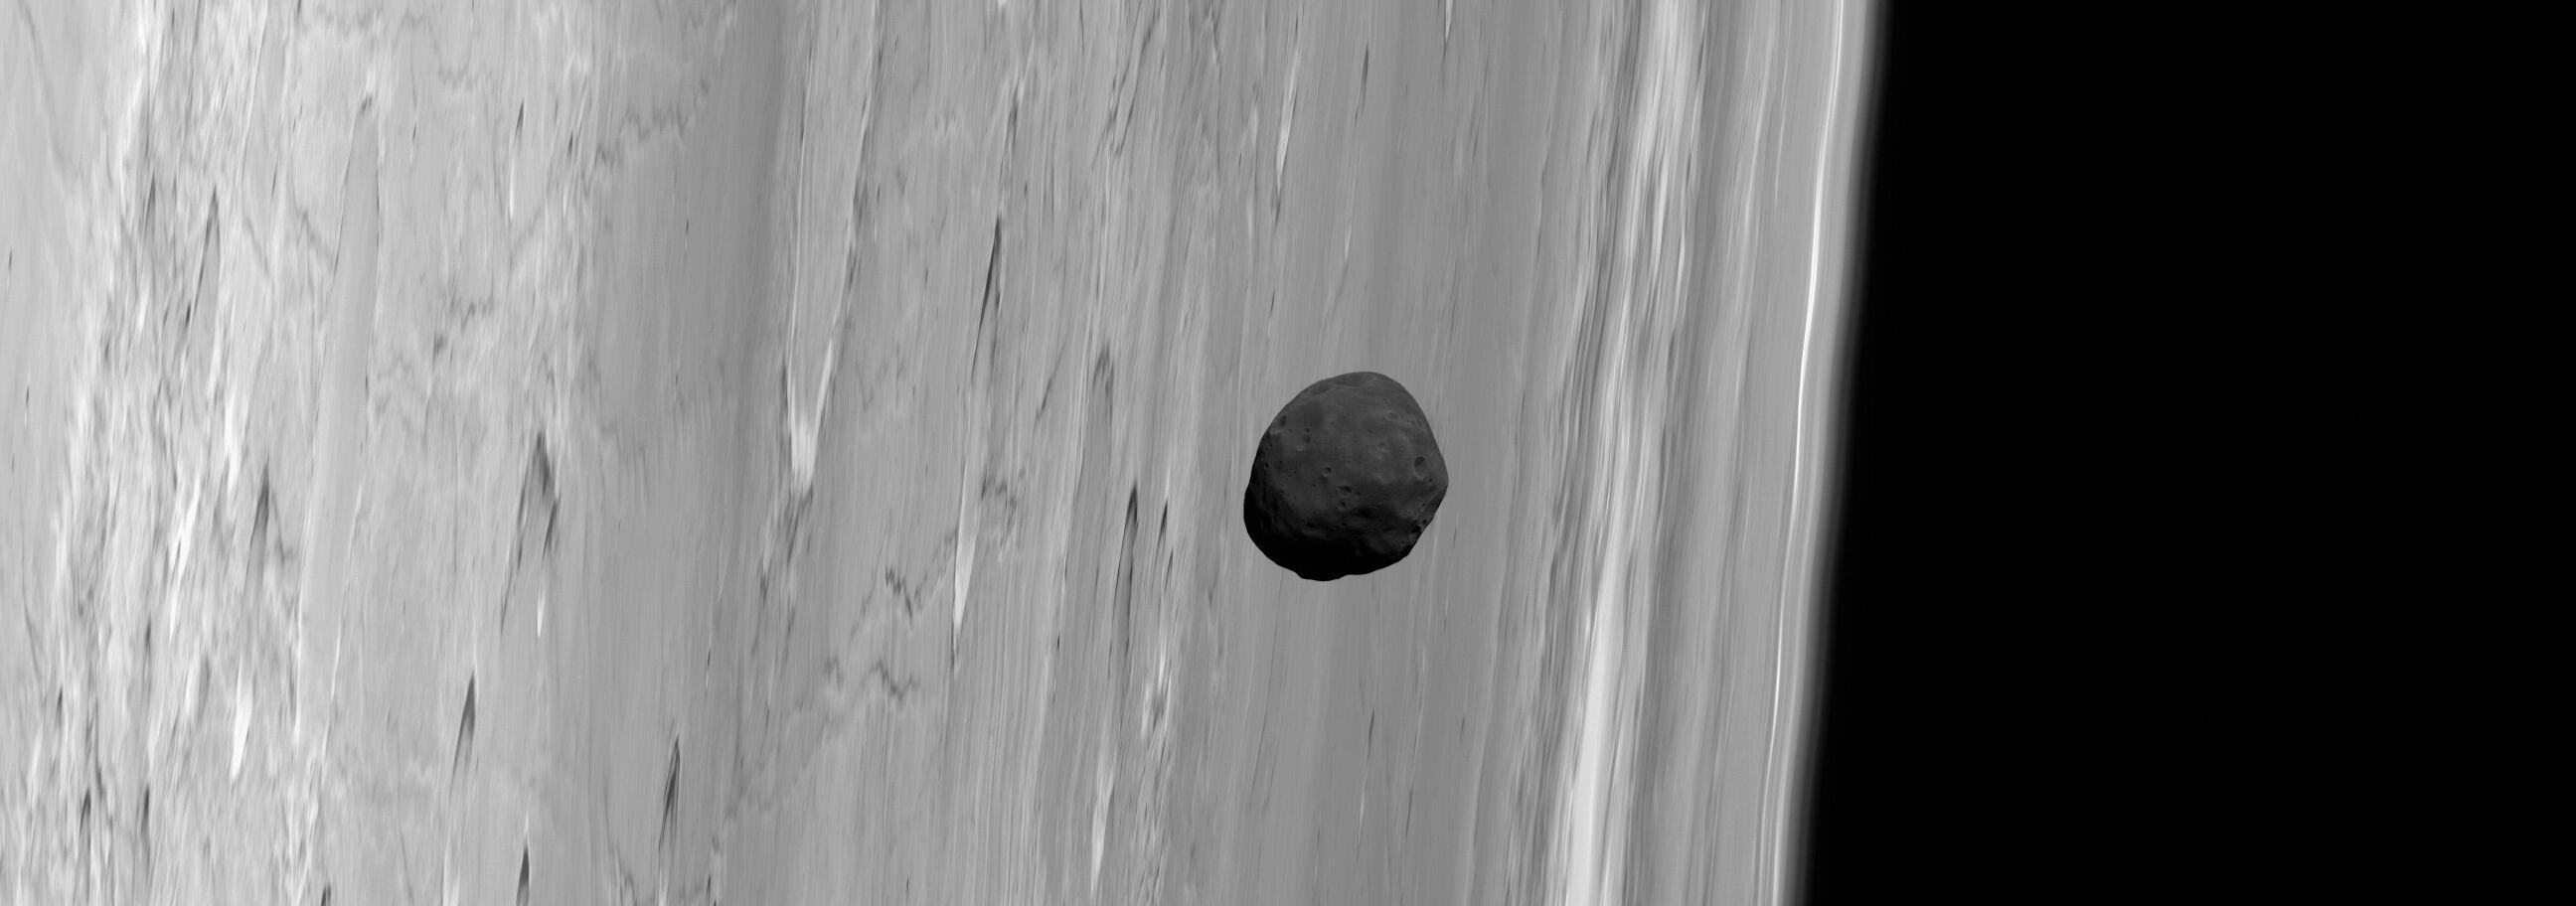 La lune martienne Phobos vue par Mars Express